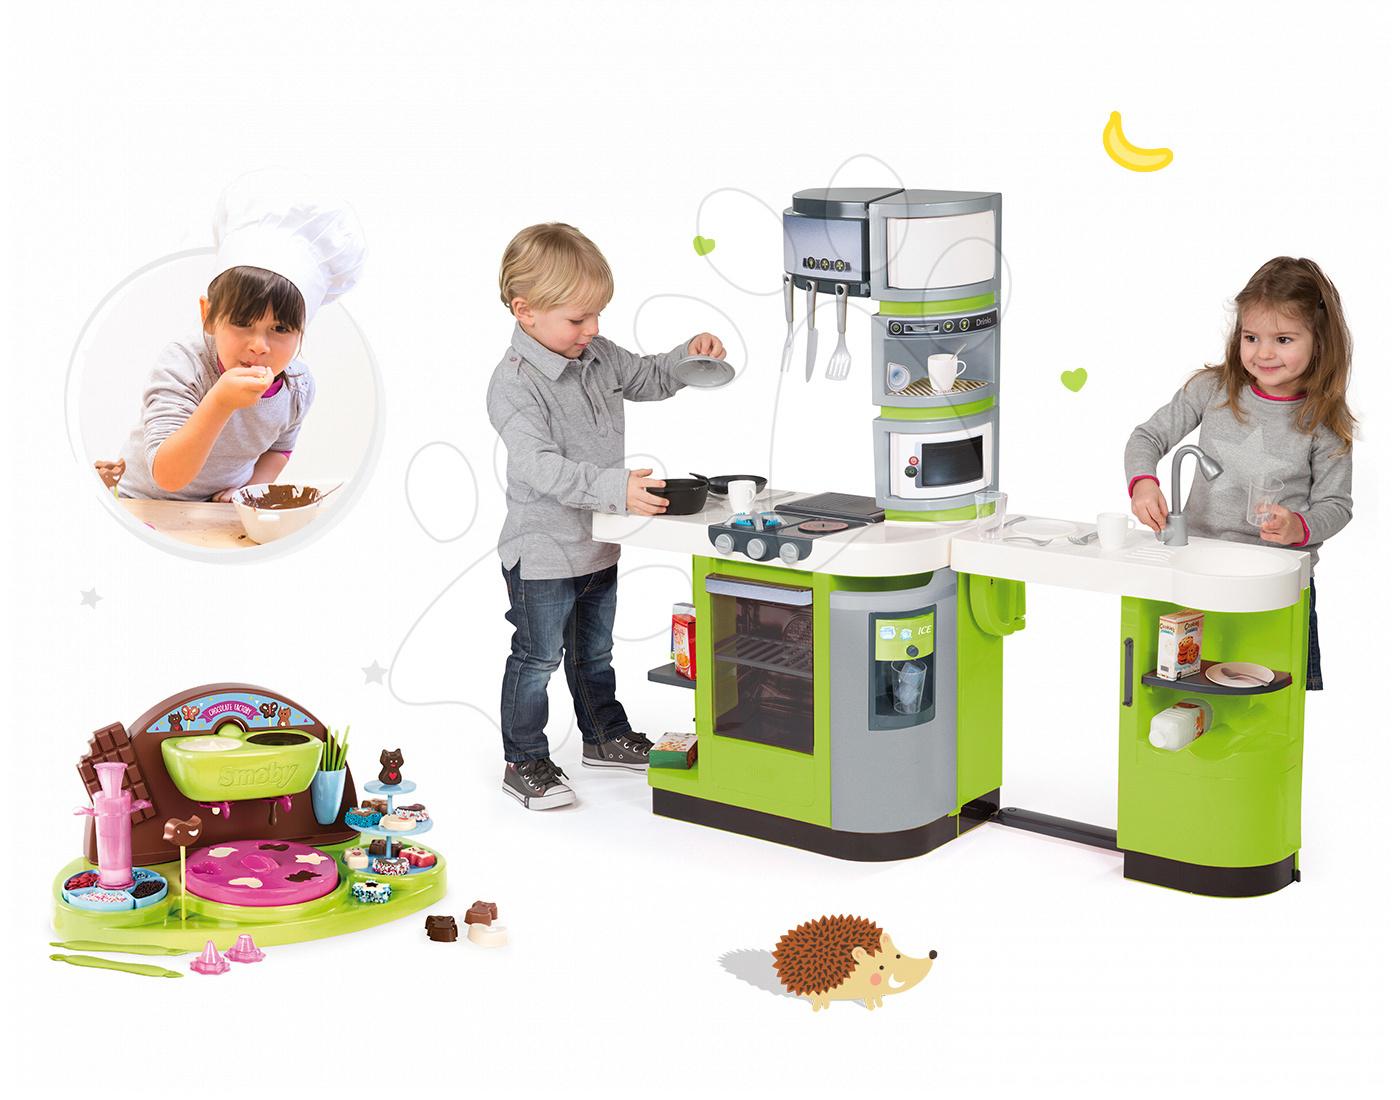 Set kuchyňka CookMaster Verte Smoby s ledem a hravá kuchařka Čokoládovna